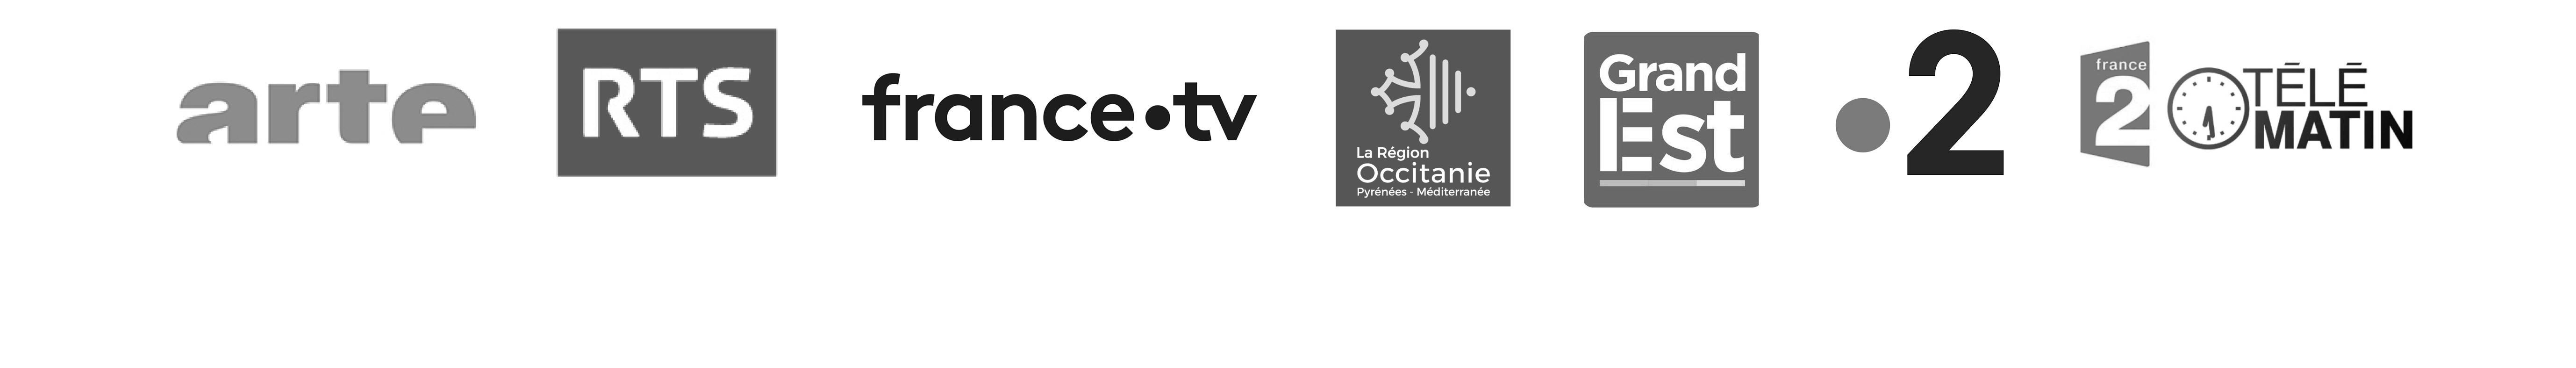 Chaînes de télévision locales, nationales et régions soutenant et diffusant les productions de Veo Productions